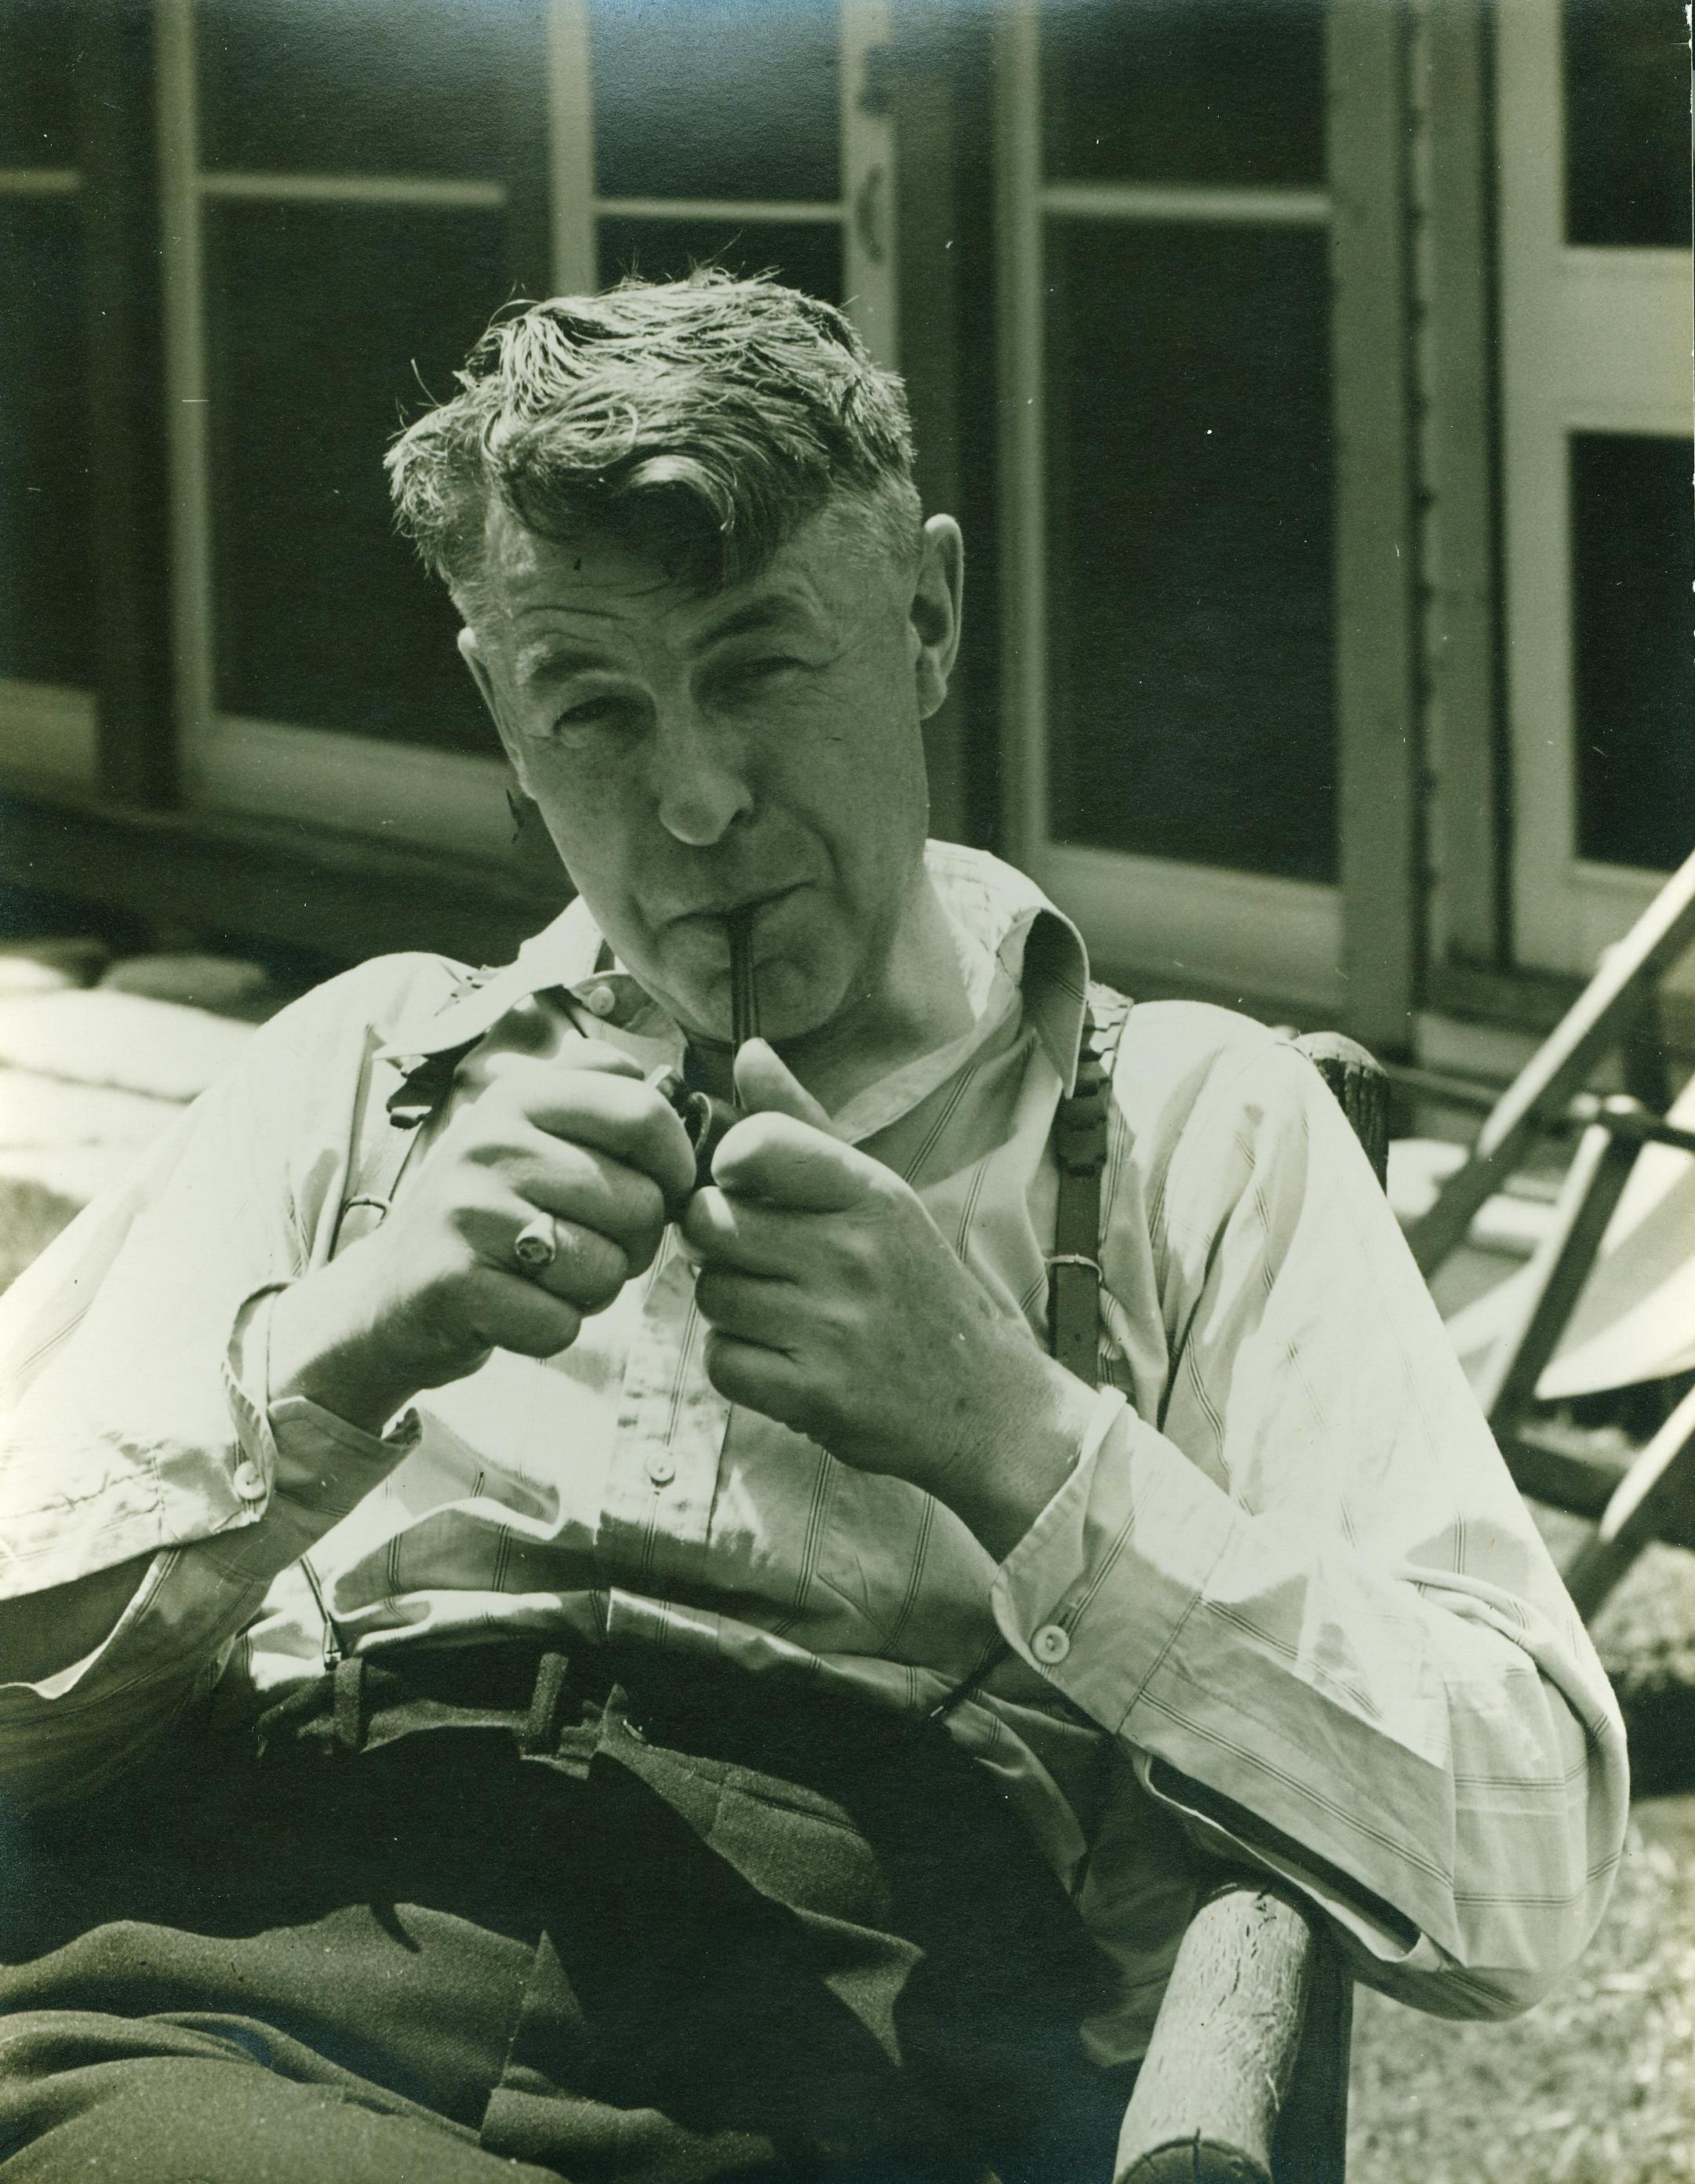 James Warren Hickey